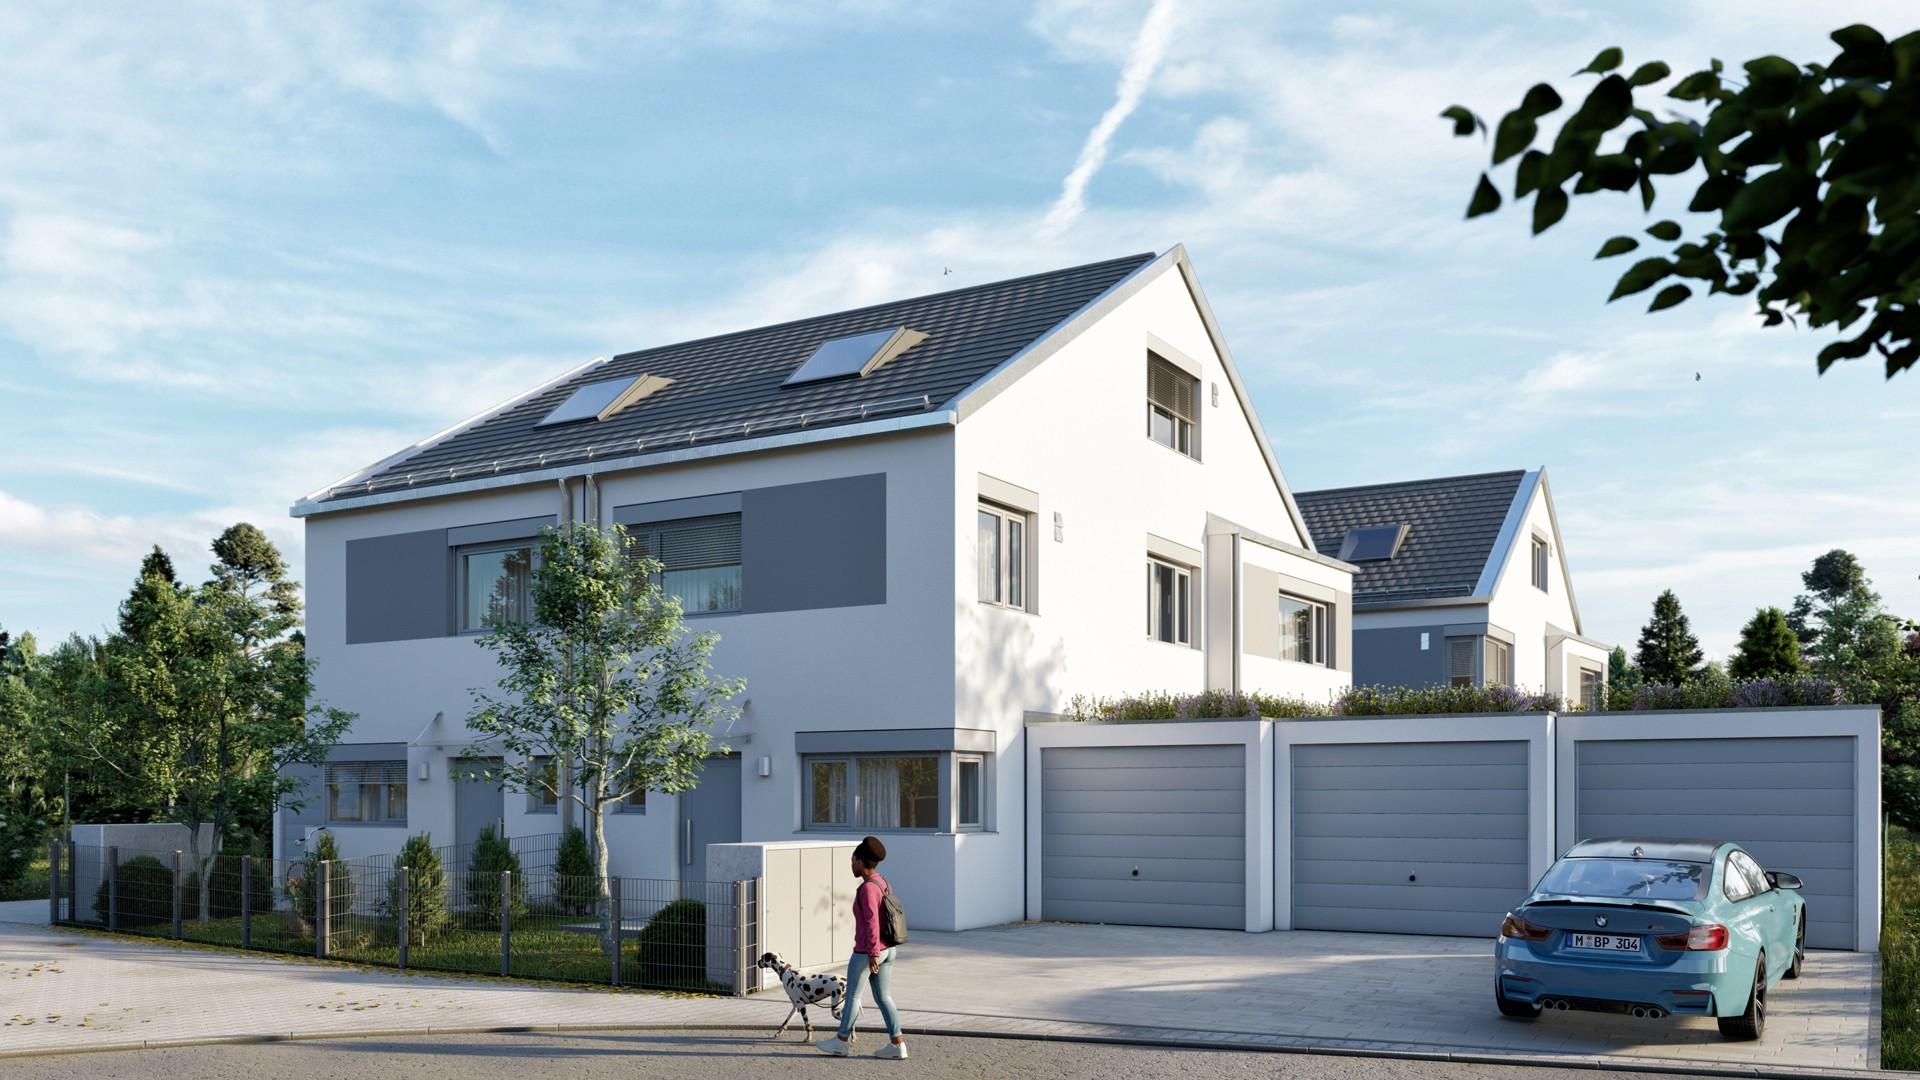 Architekturvisualisierung Doppelhäuser